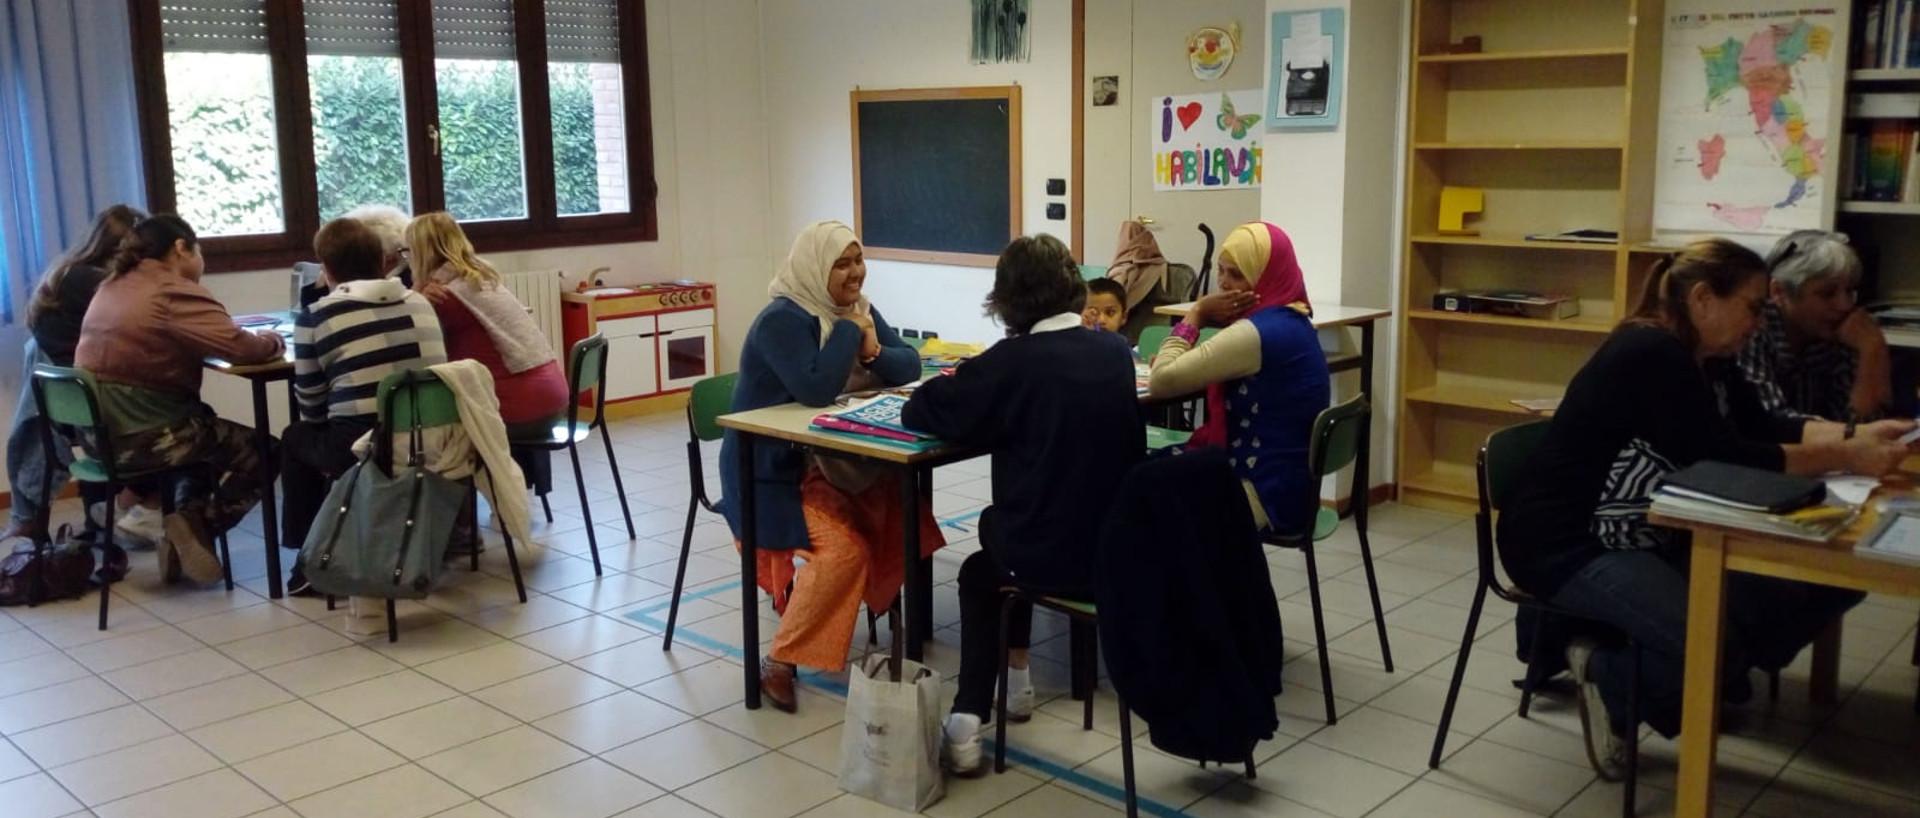 Foto: classe di stranieri